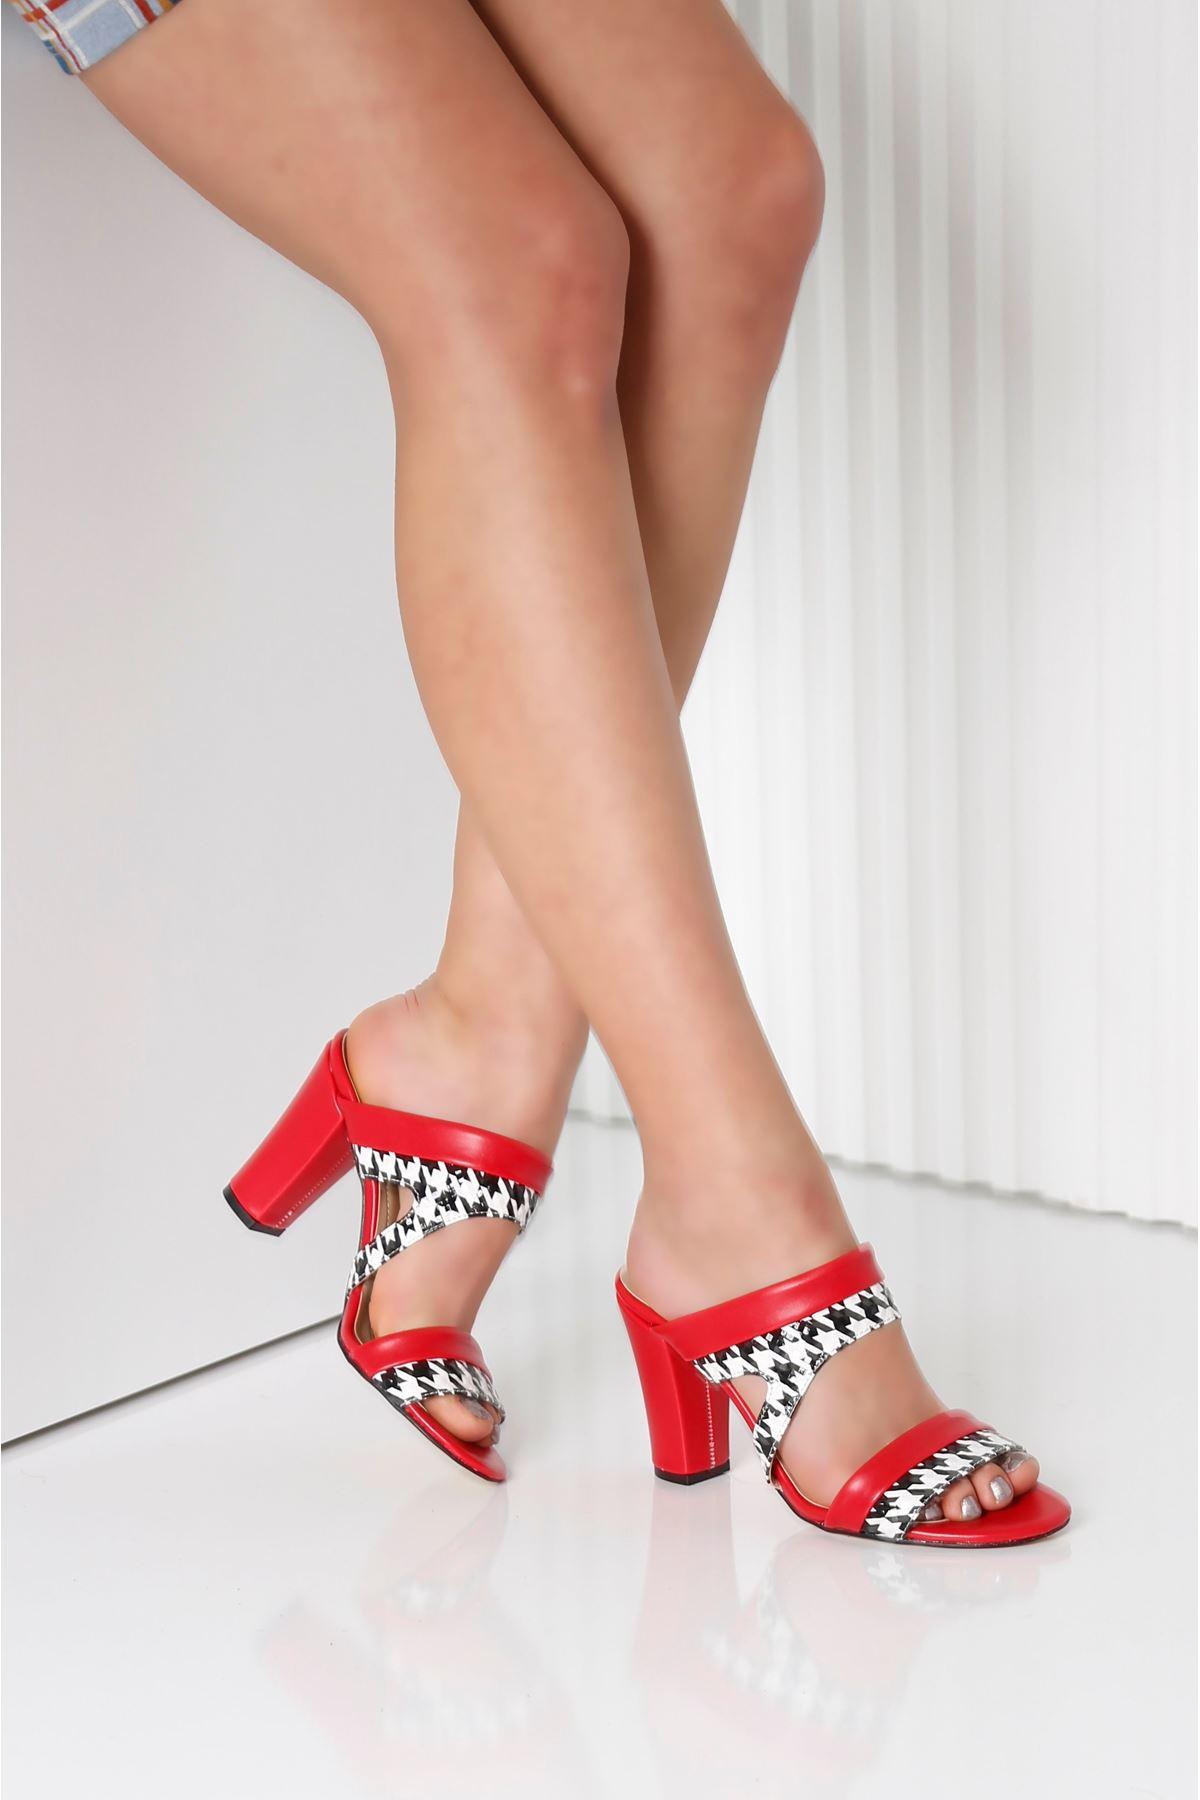 EDINA Kırmızı Topuklu Kadın Terlik